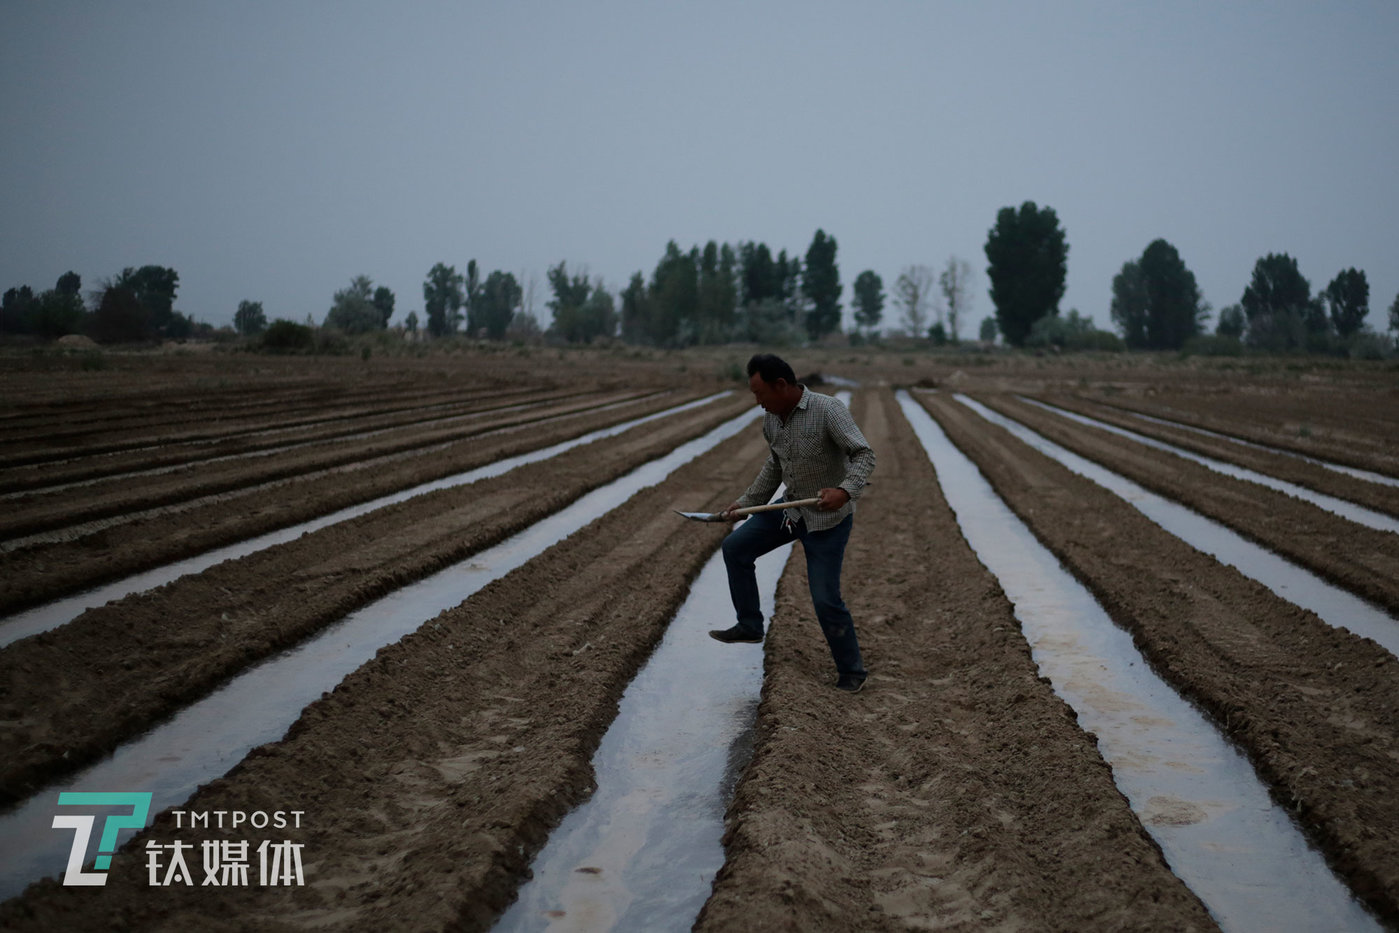 """薛志明在引完水的地里巡查,确保地沟的水在安全位置。播种前,一块地要""""喂""""两次水,这是为了使土壤涵养水分并定型。当地气候干旱、土壤偏沙质,水引进地里,只要不到两个小时就会全部渗完。"""